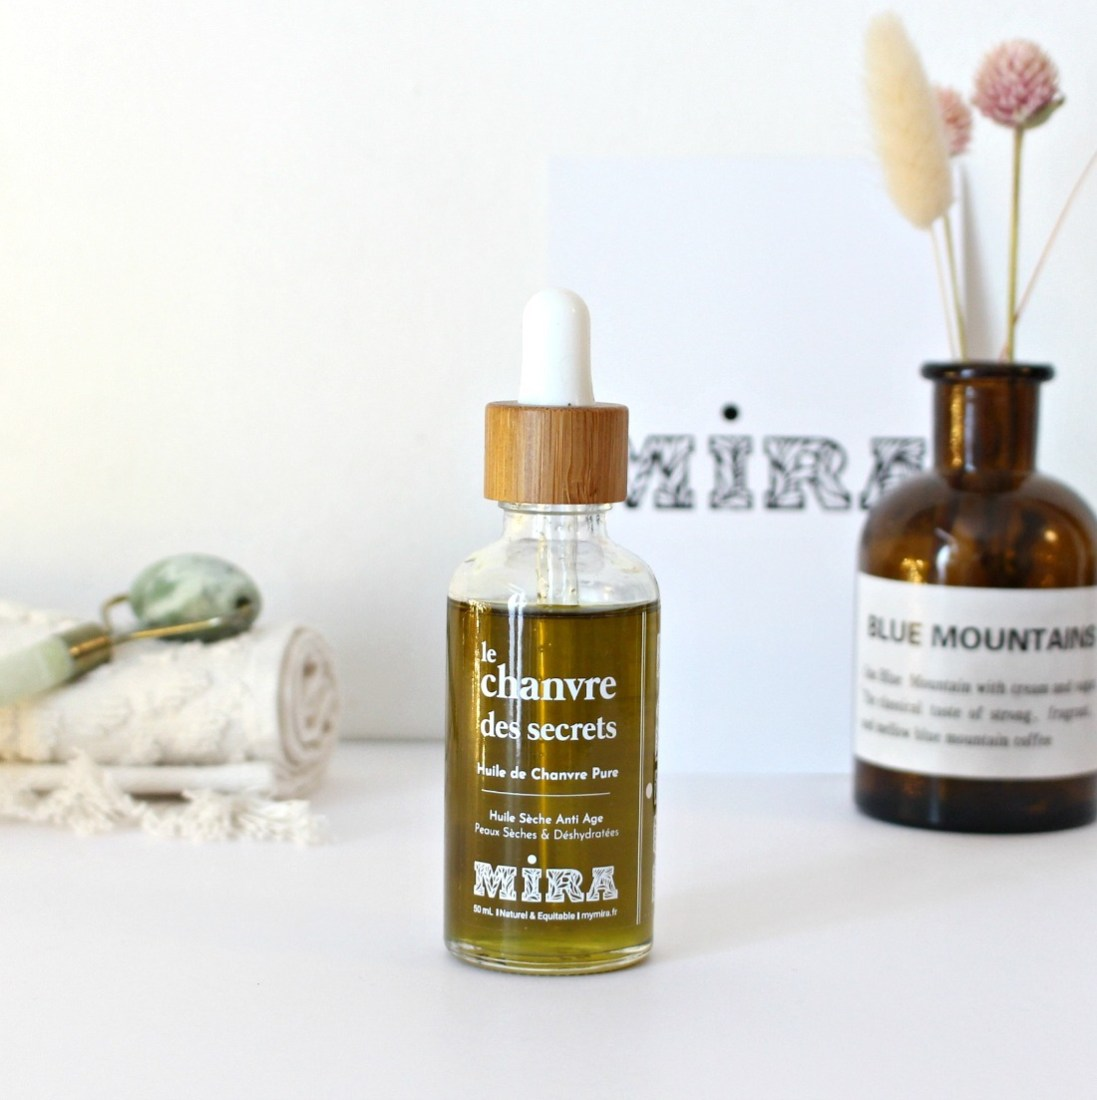 huile de chanvre cosmetique